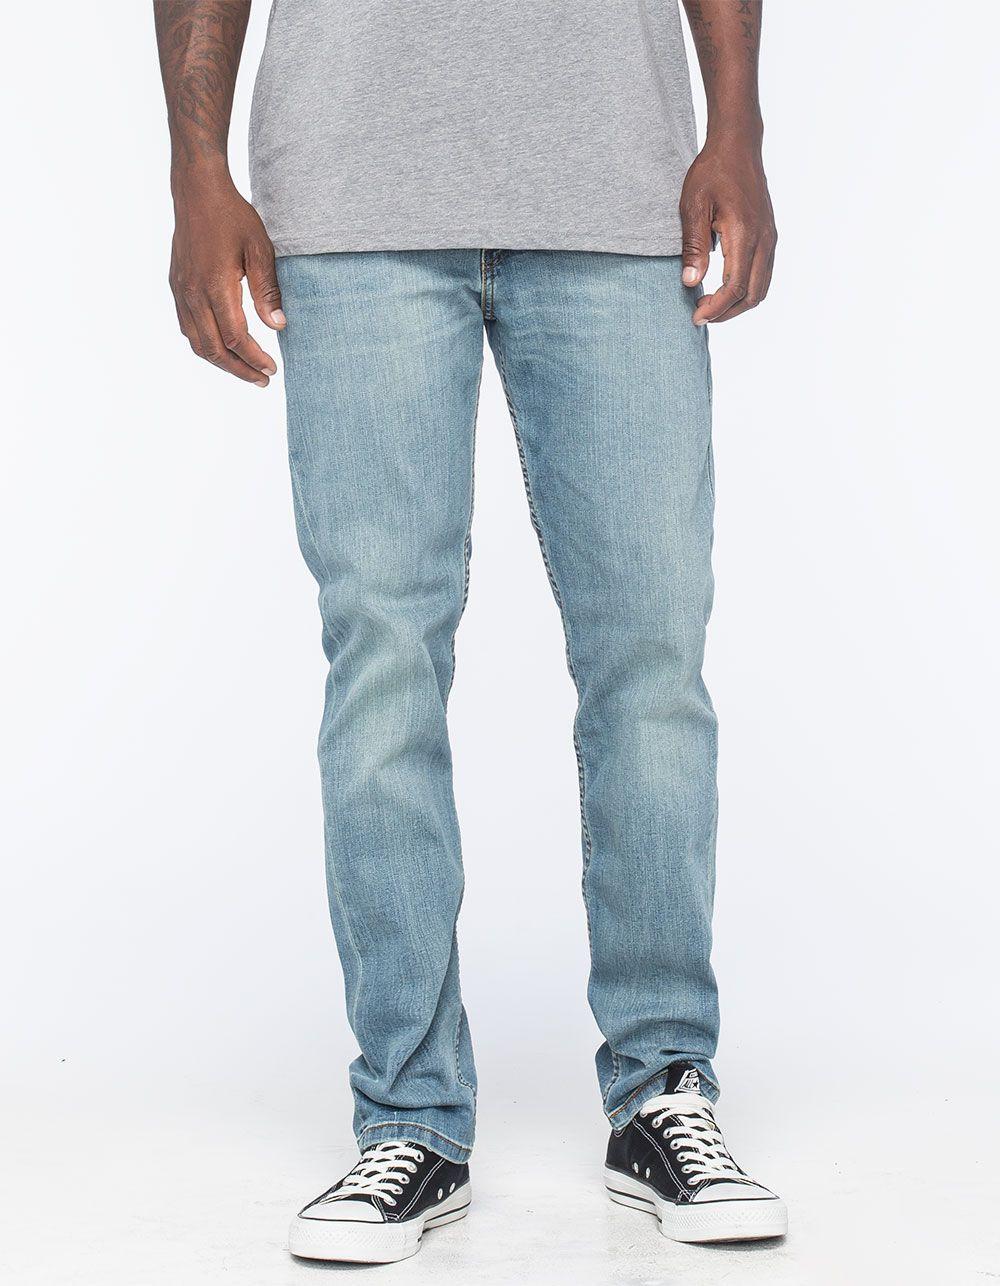 2028844e92e LEVI'S 511 Lake Merrit Mens Slim Jeans 271256823